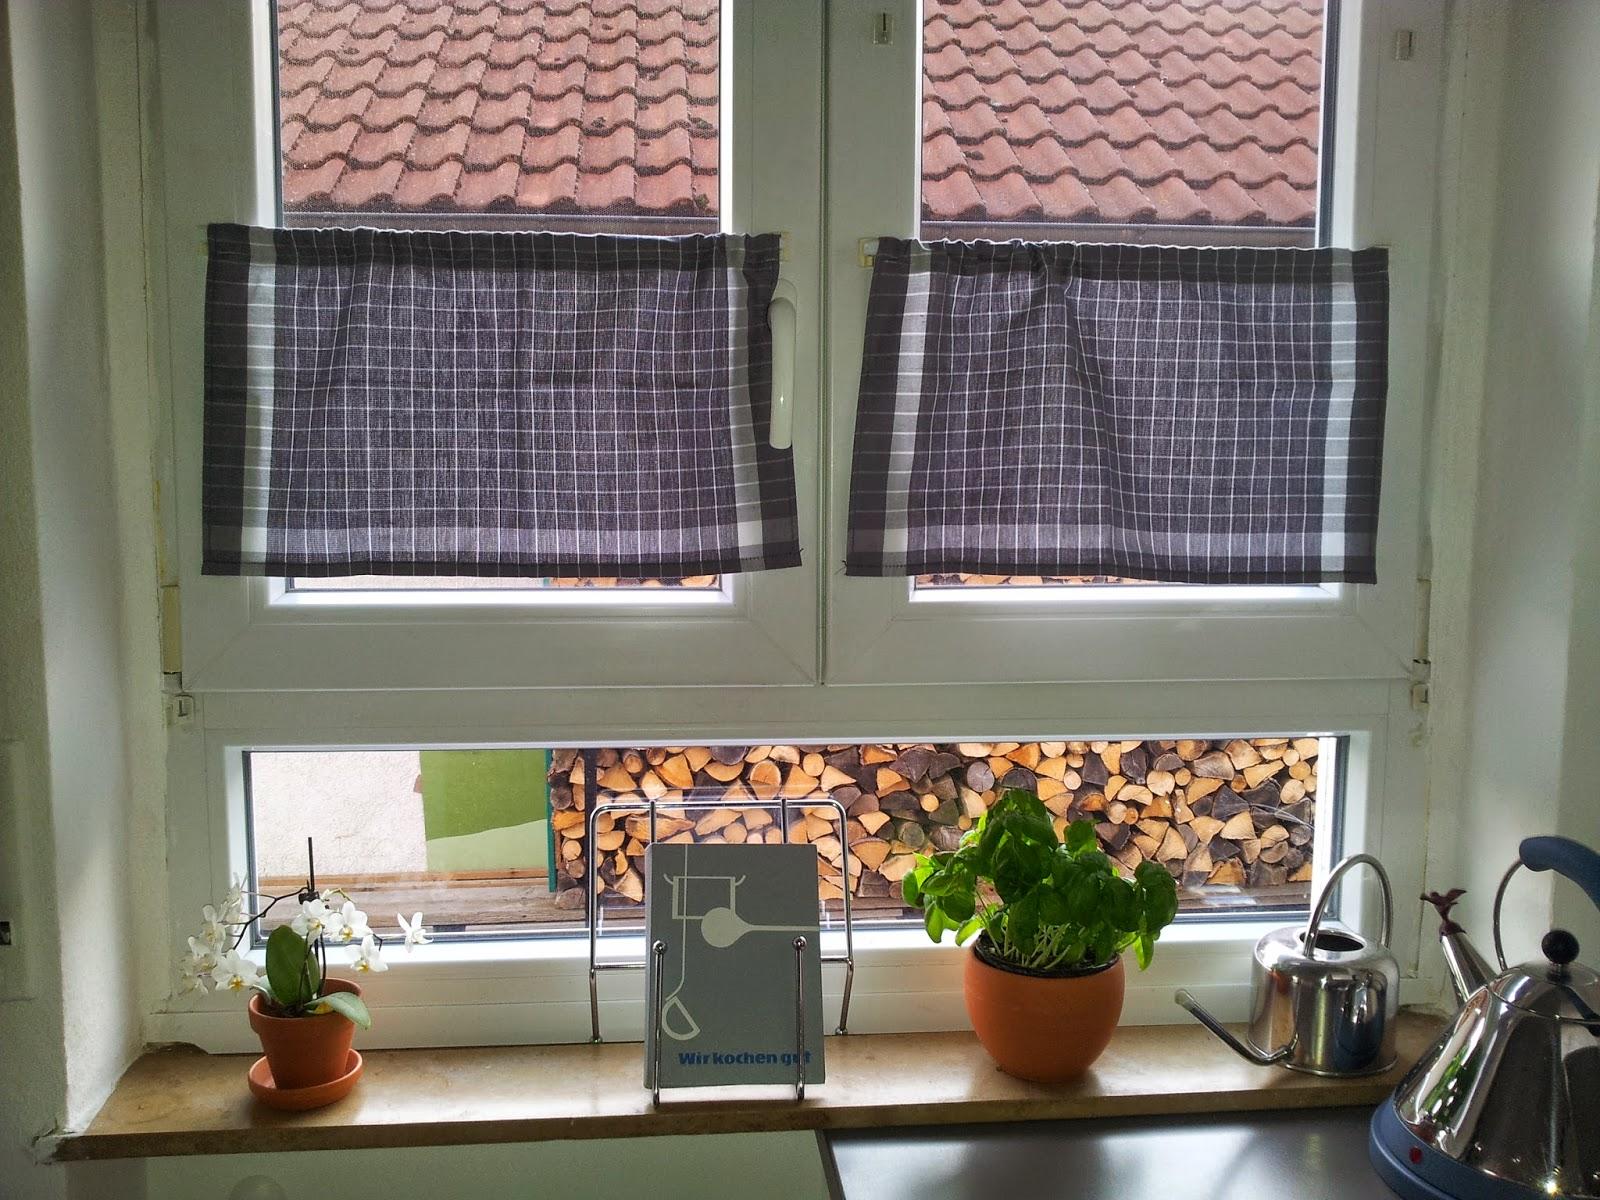 Full Size of Küchengardinen Kchengardinen Landhausstil 50 Fenstervorhnge Ideen Fr Kche Wohnzimmer Küchengardinen